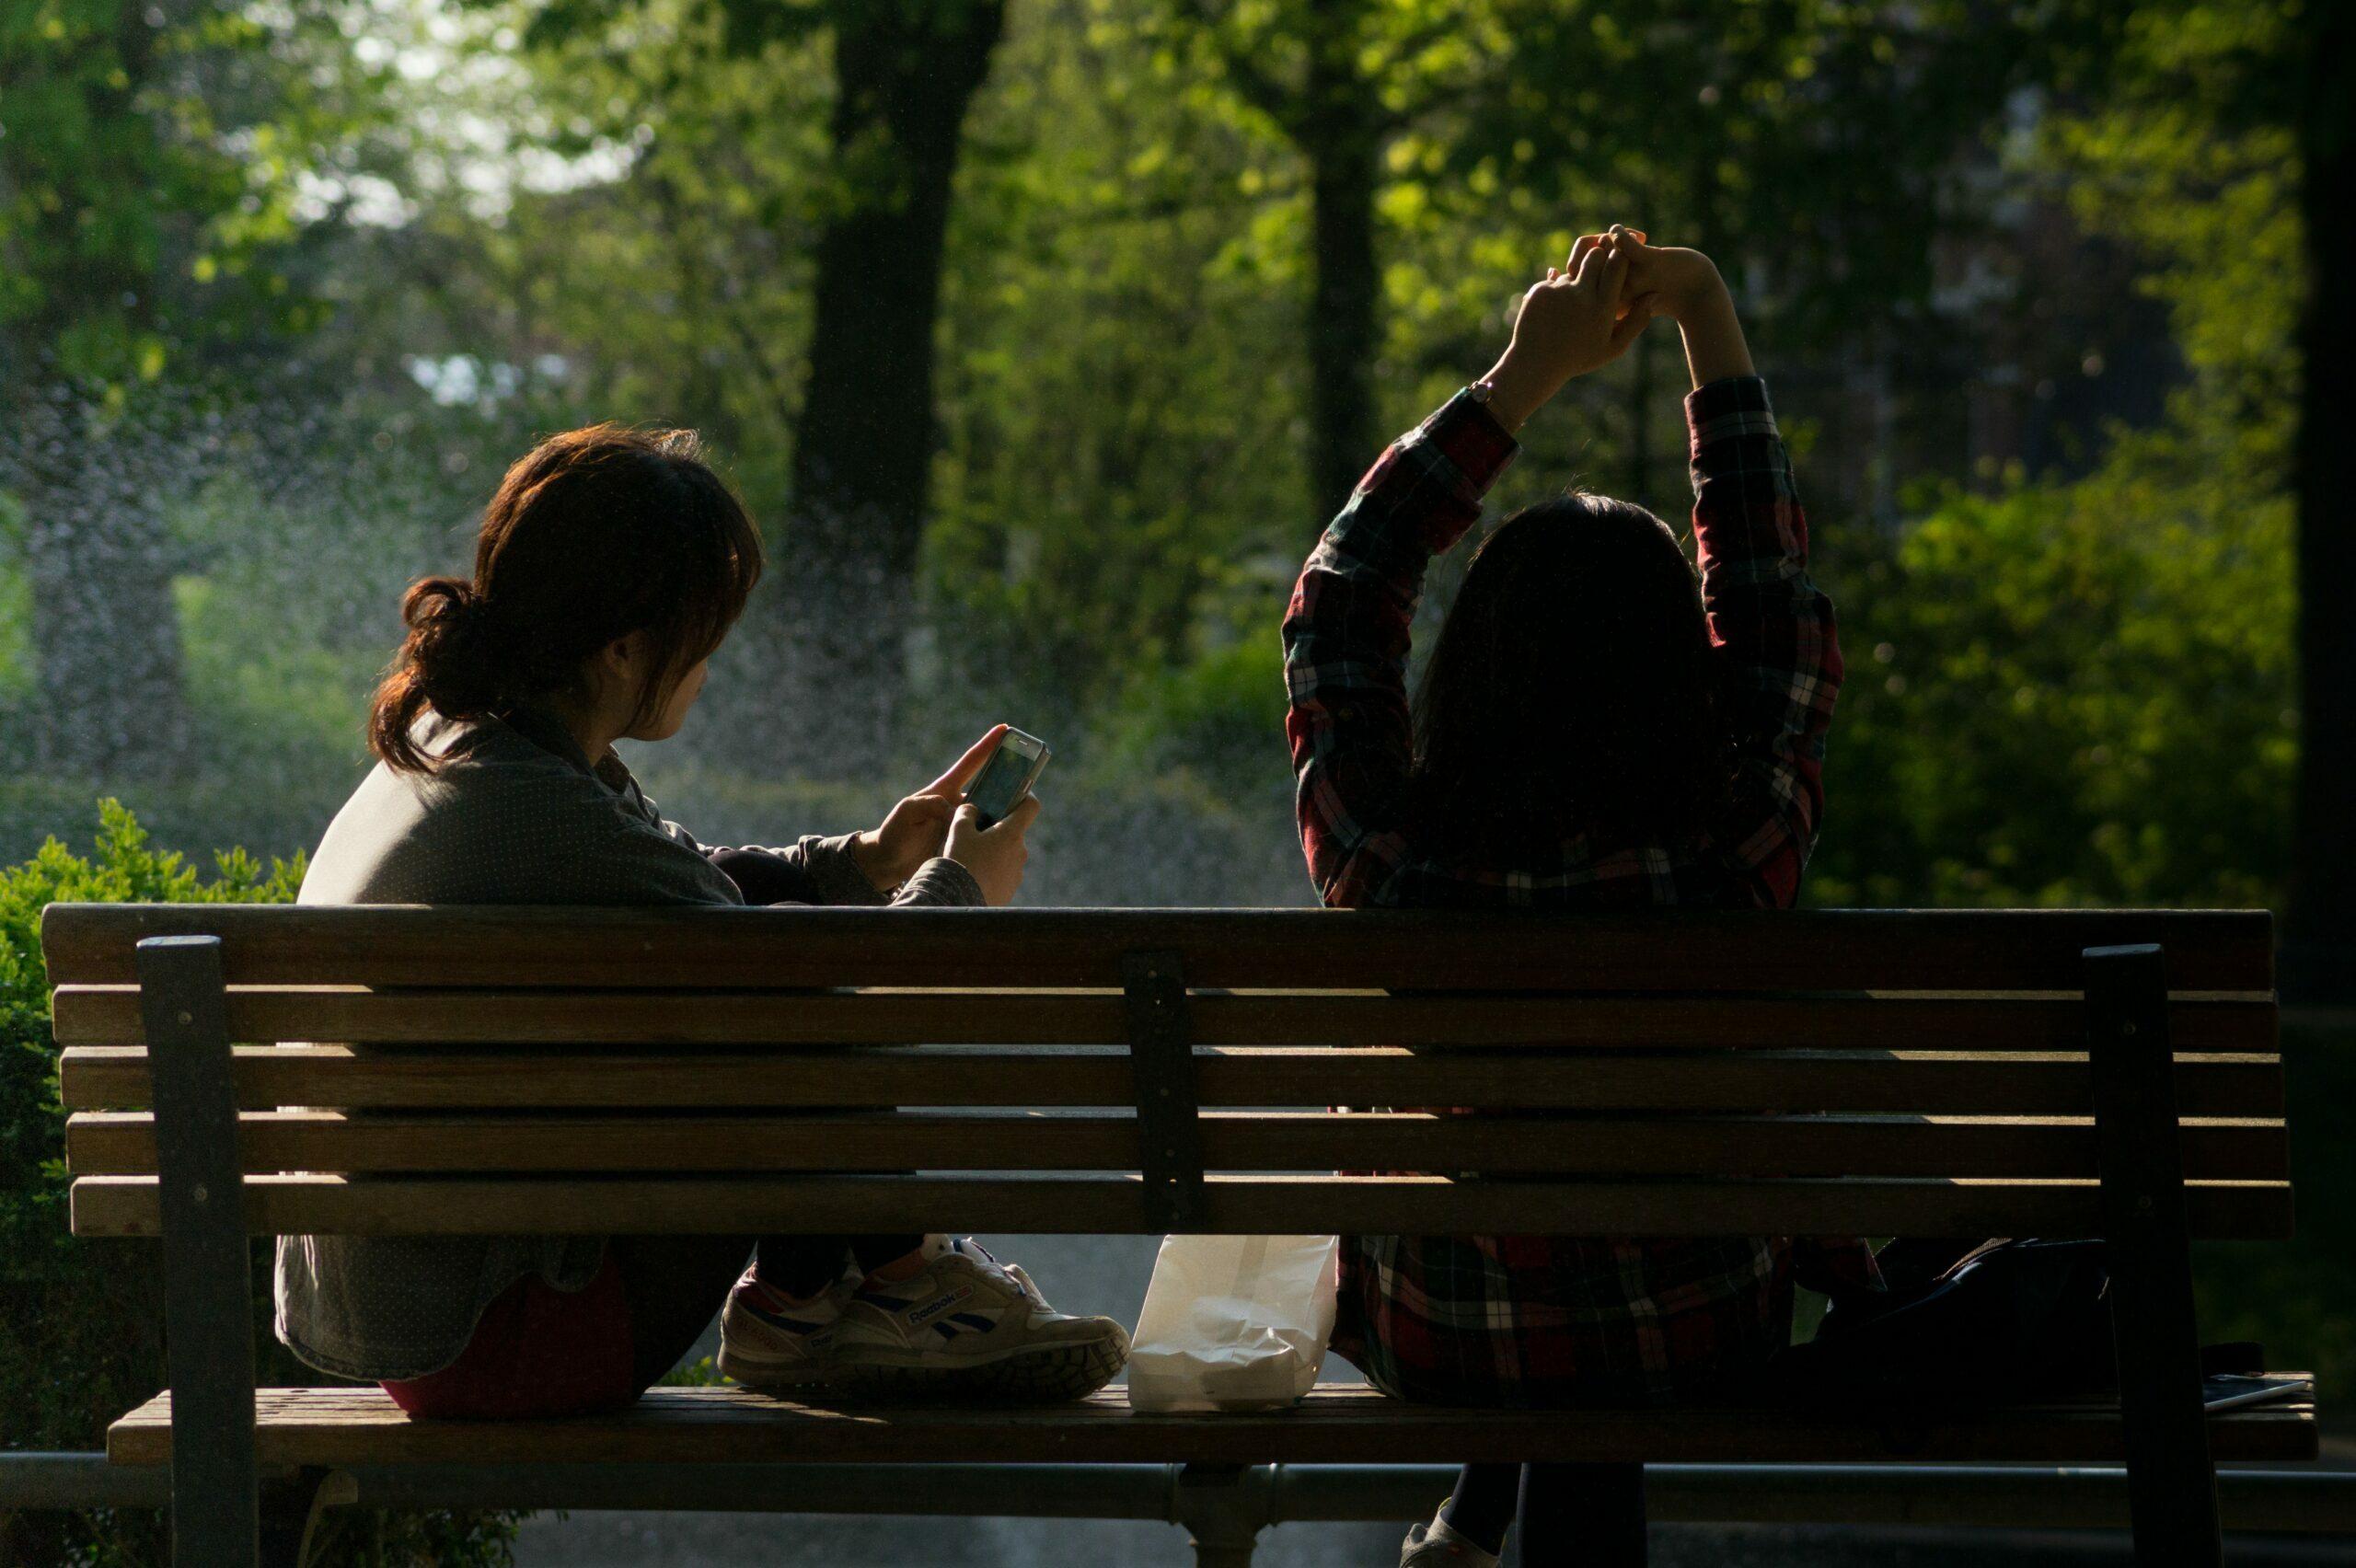 tijd miljonairs; twee vrouwen luieren op een bankje buiten